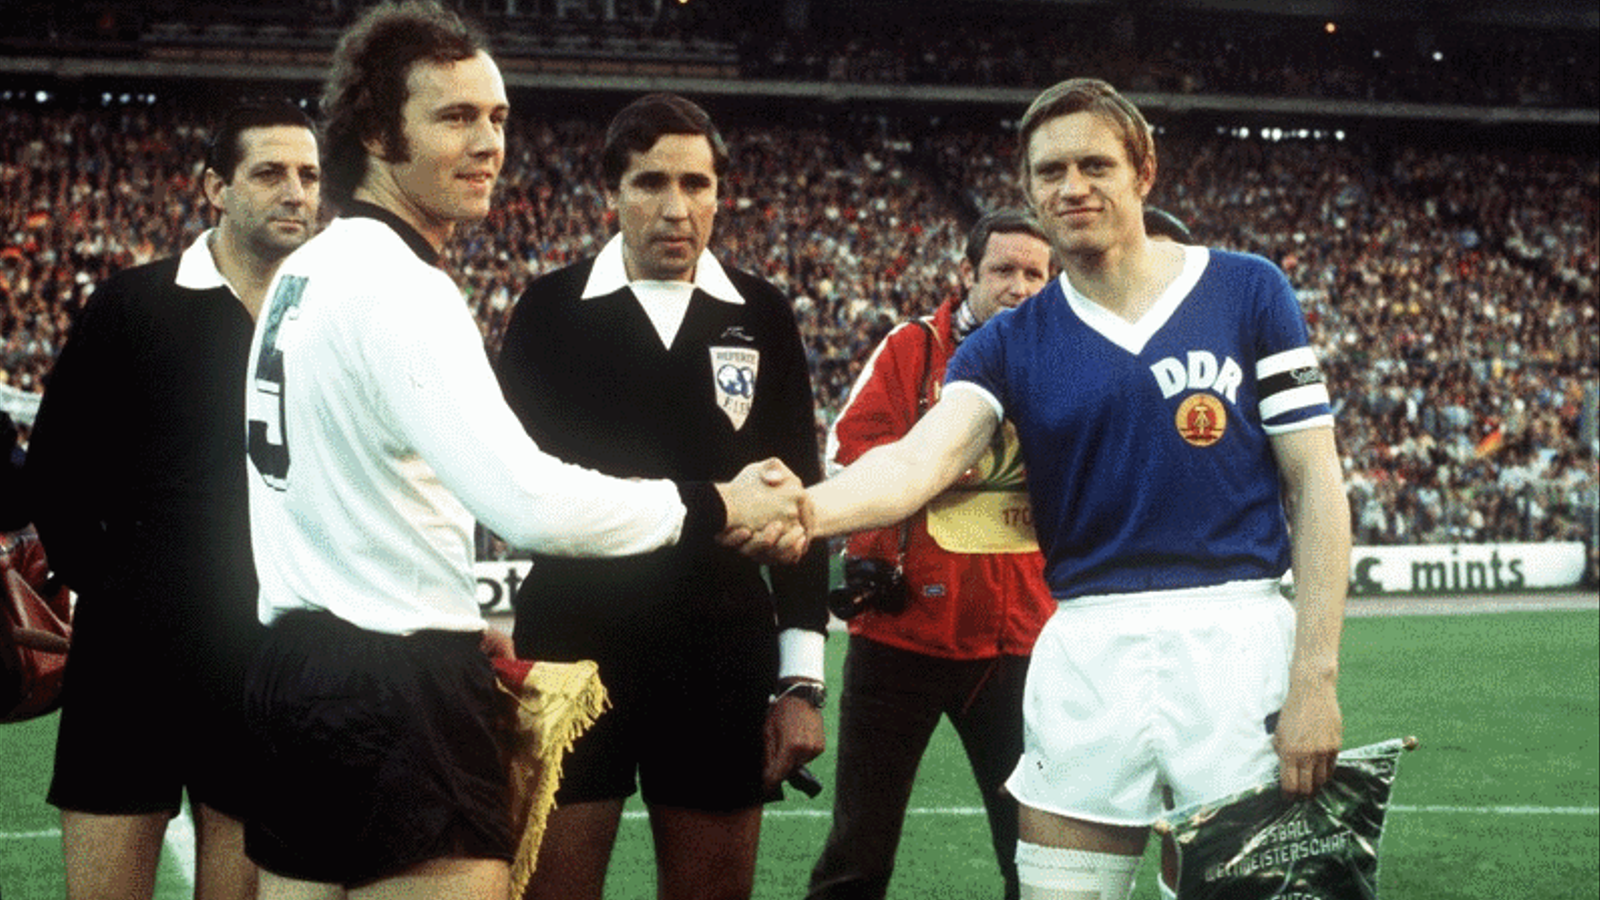 El dia que la RDA derroto a la RFA en el Mundial de Futbol de 1974 RDA-RFA-Beckenbauer-futbol_1240686139_6849079_796x482